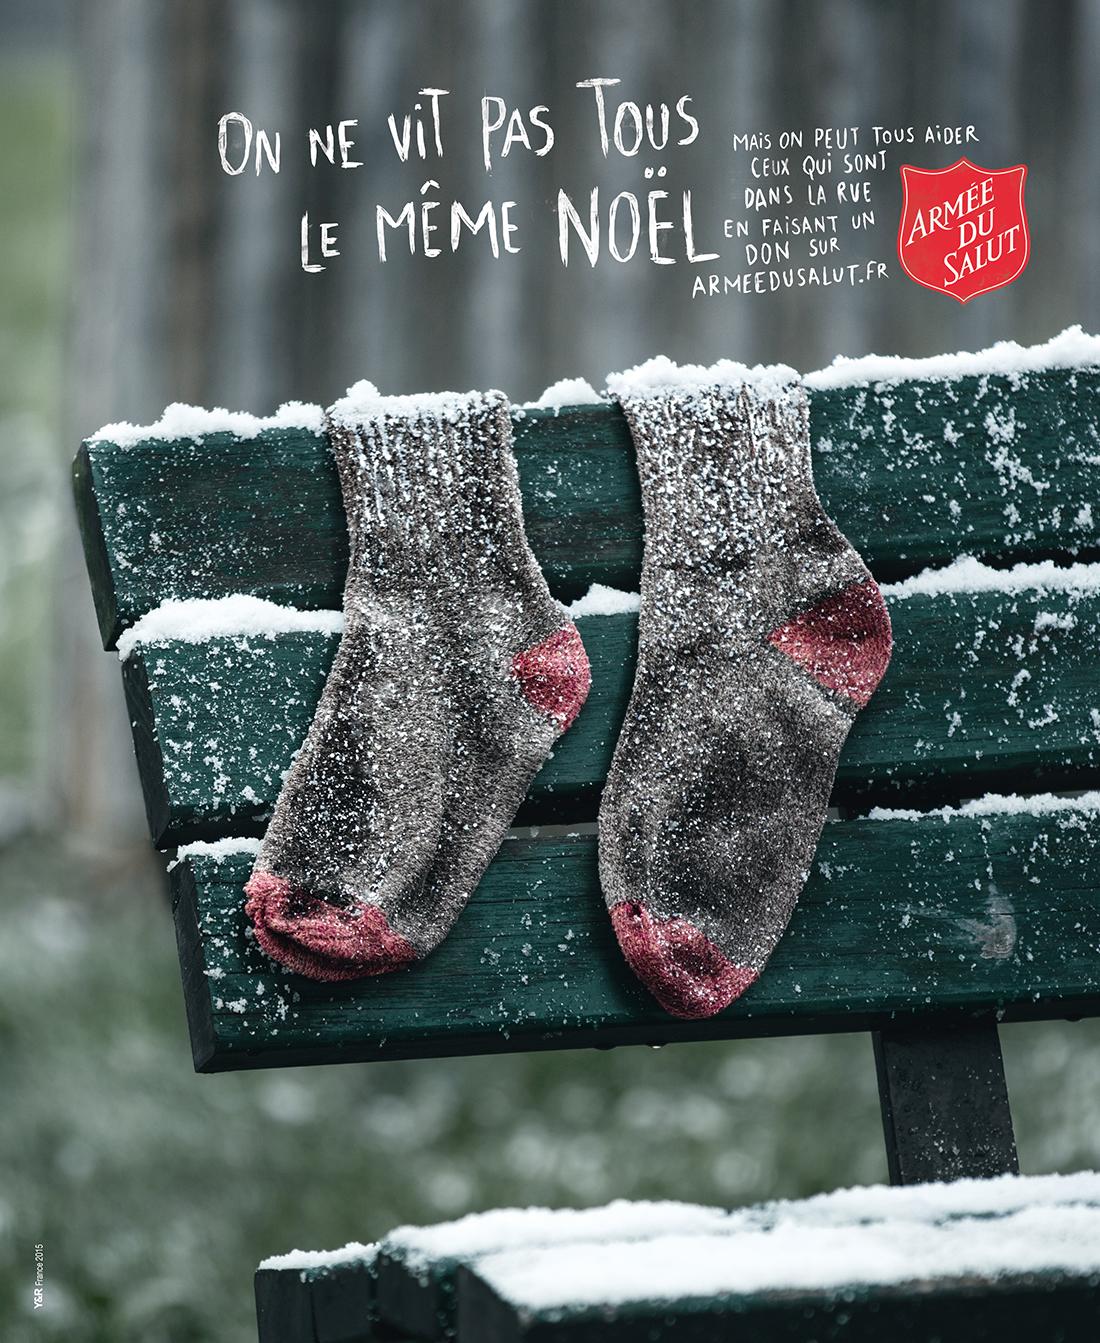 armee-du-salut-hiver-2015-noel-sans-abris-froid-chaussettes-cartons-feu-yr-paris-2